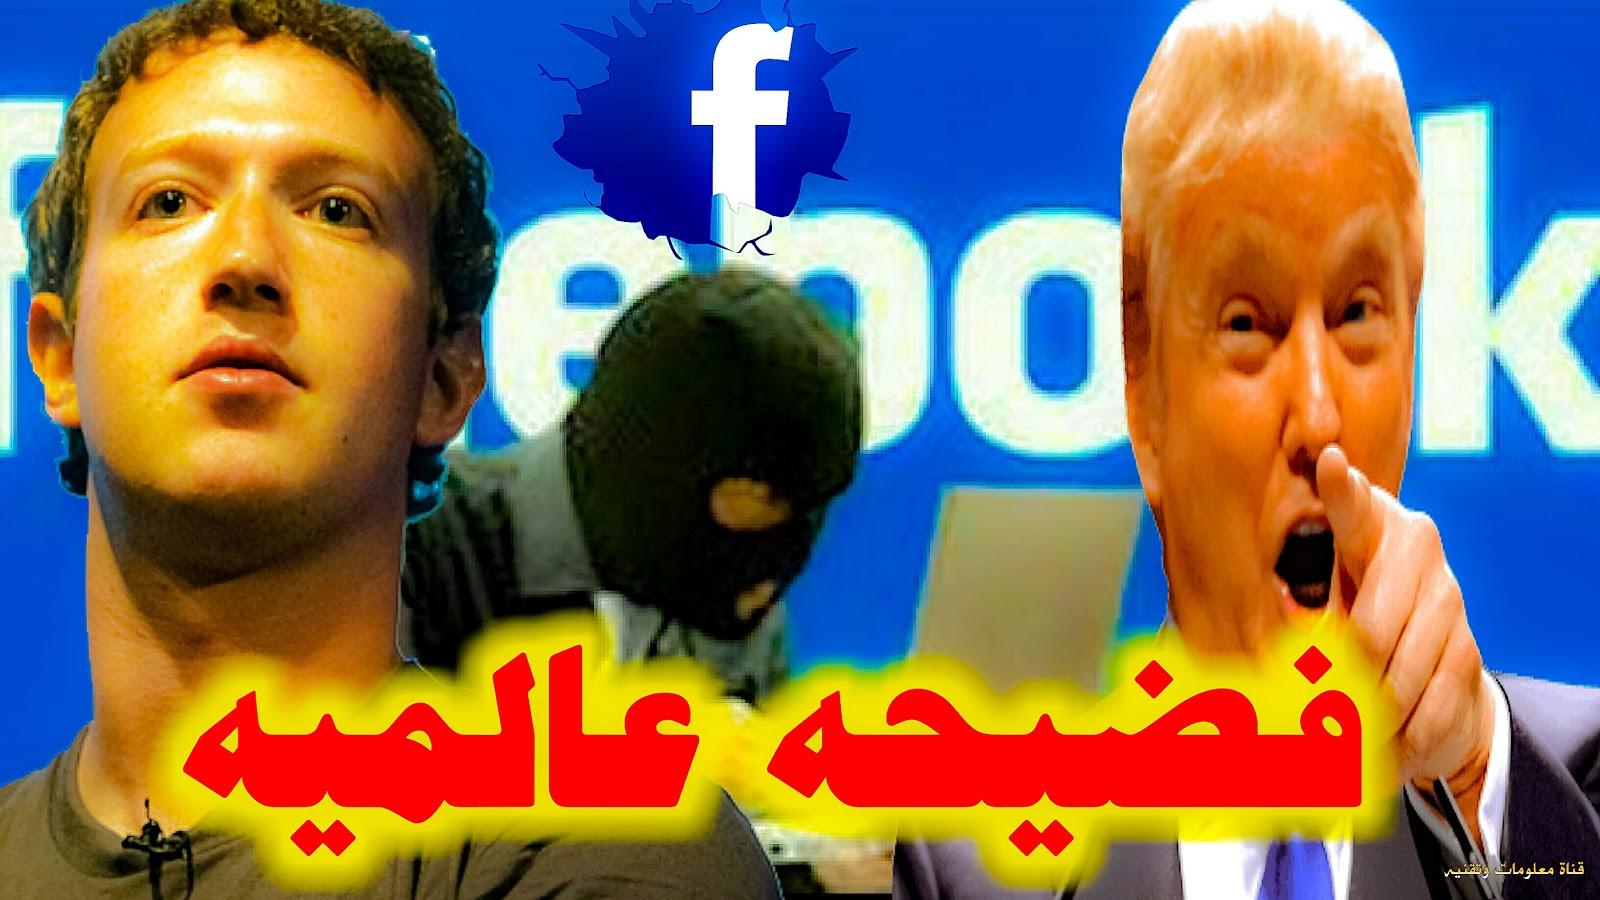 فضيحة فيس بوك  يتجسس على 50 مليون مشترك لصالح دونالد ترامب